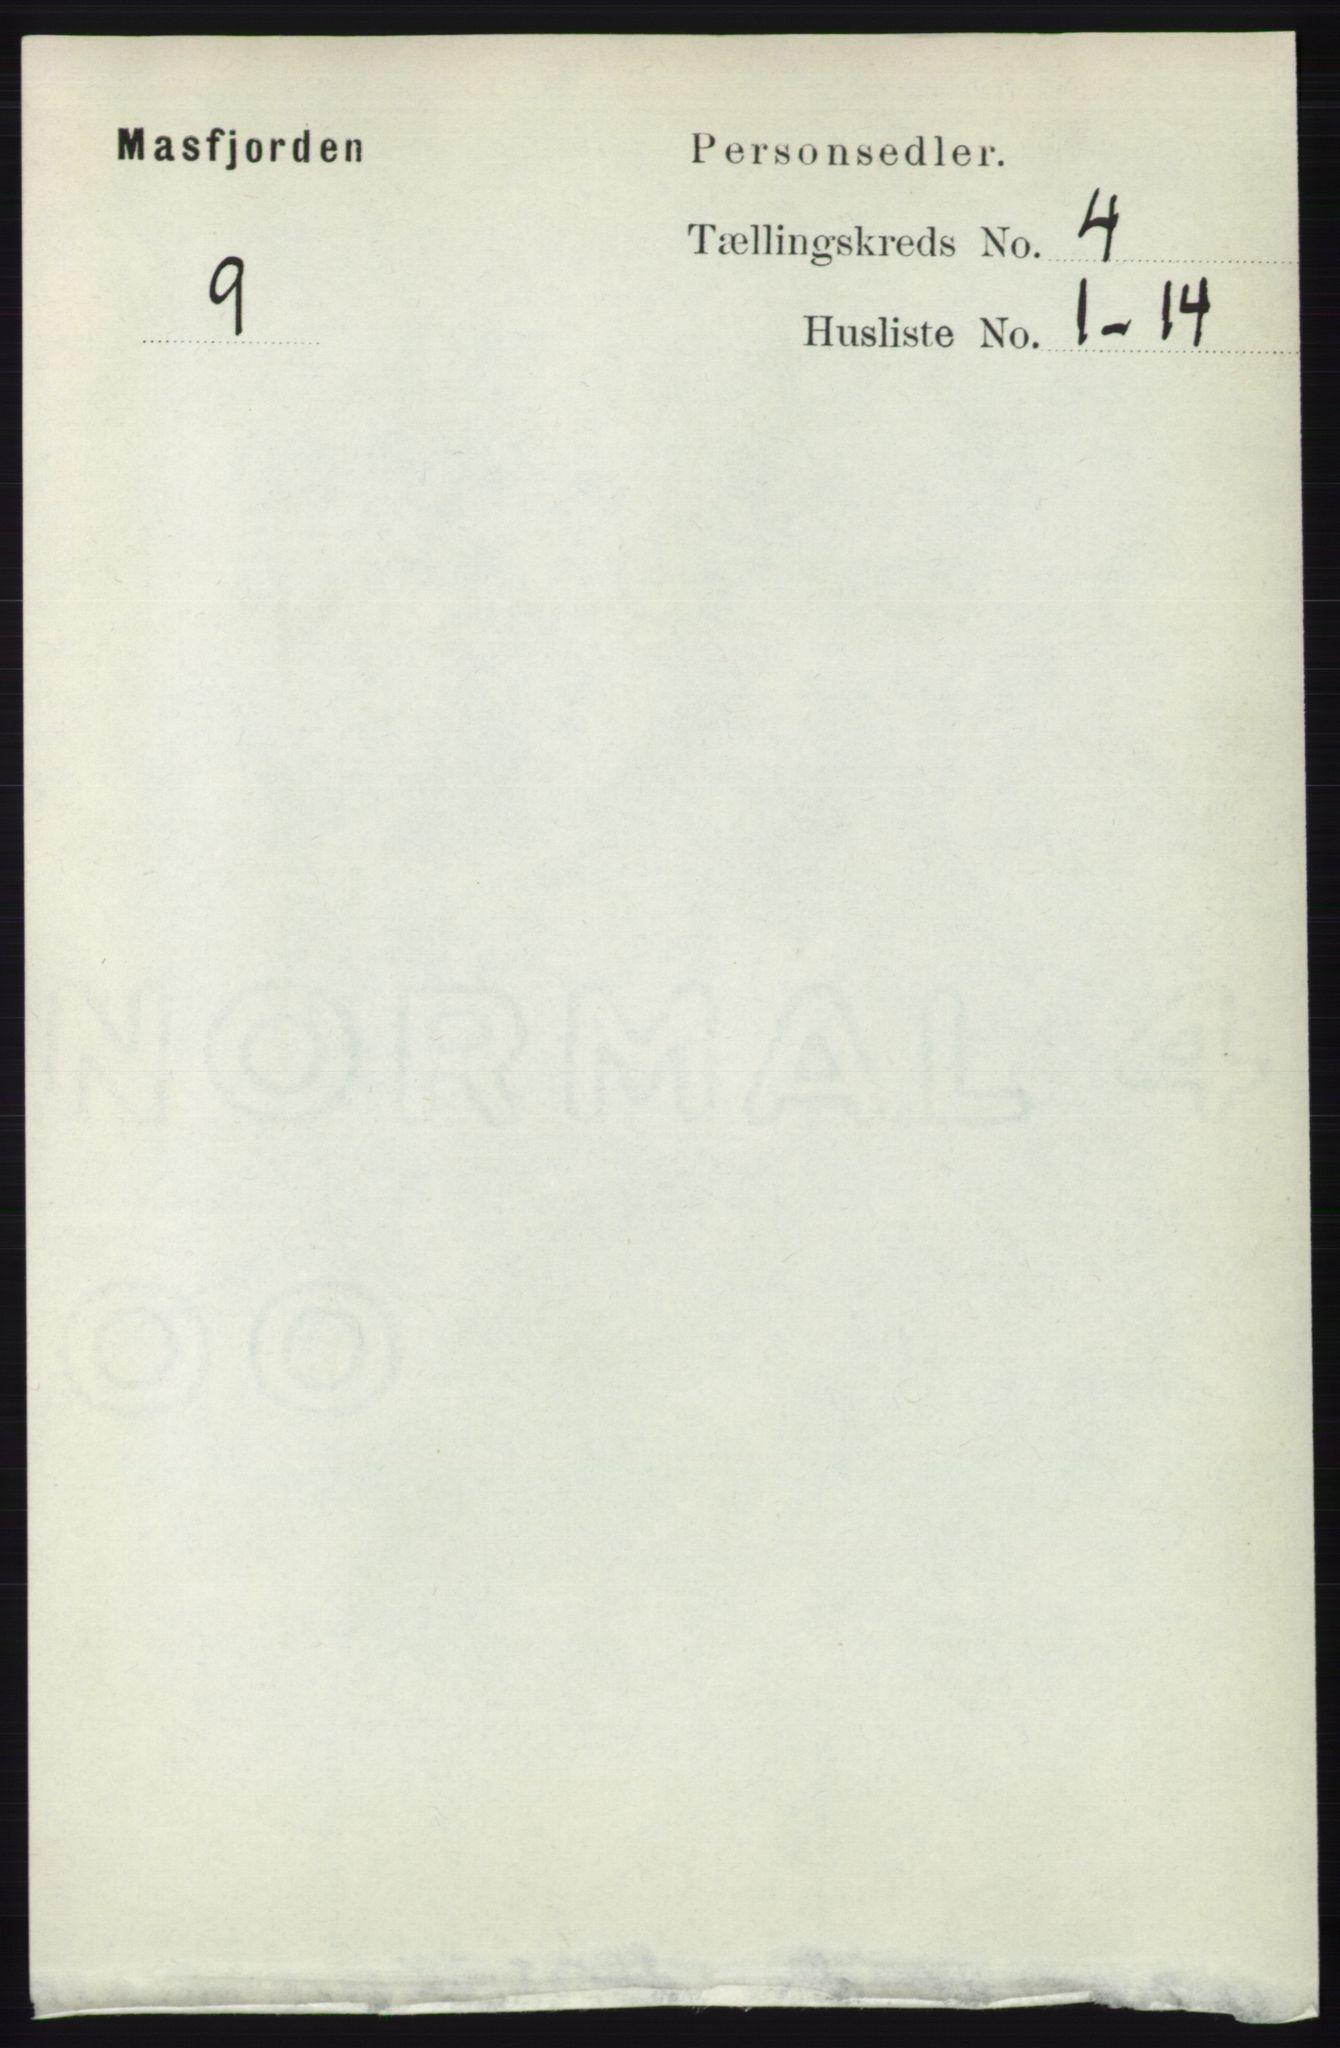 RA, Folketelling 1891 for 1266 Masfjorden herred, 1891, s. 737